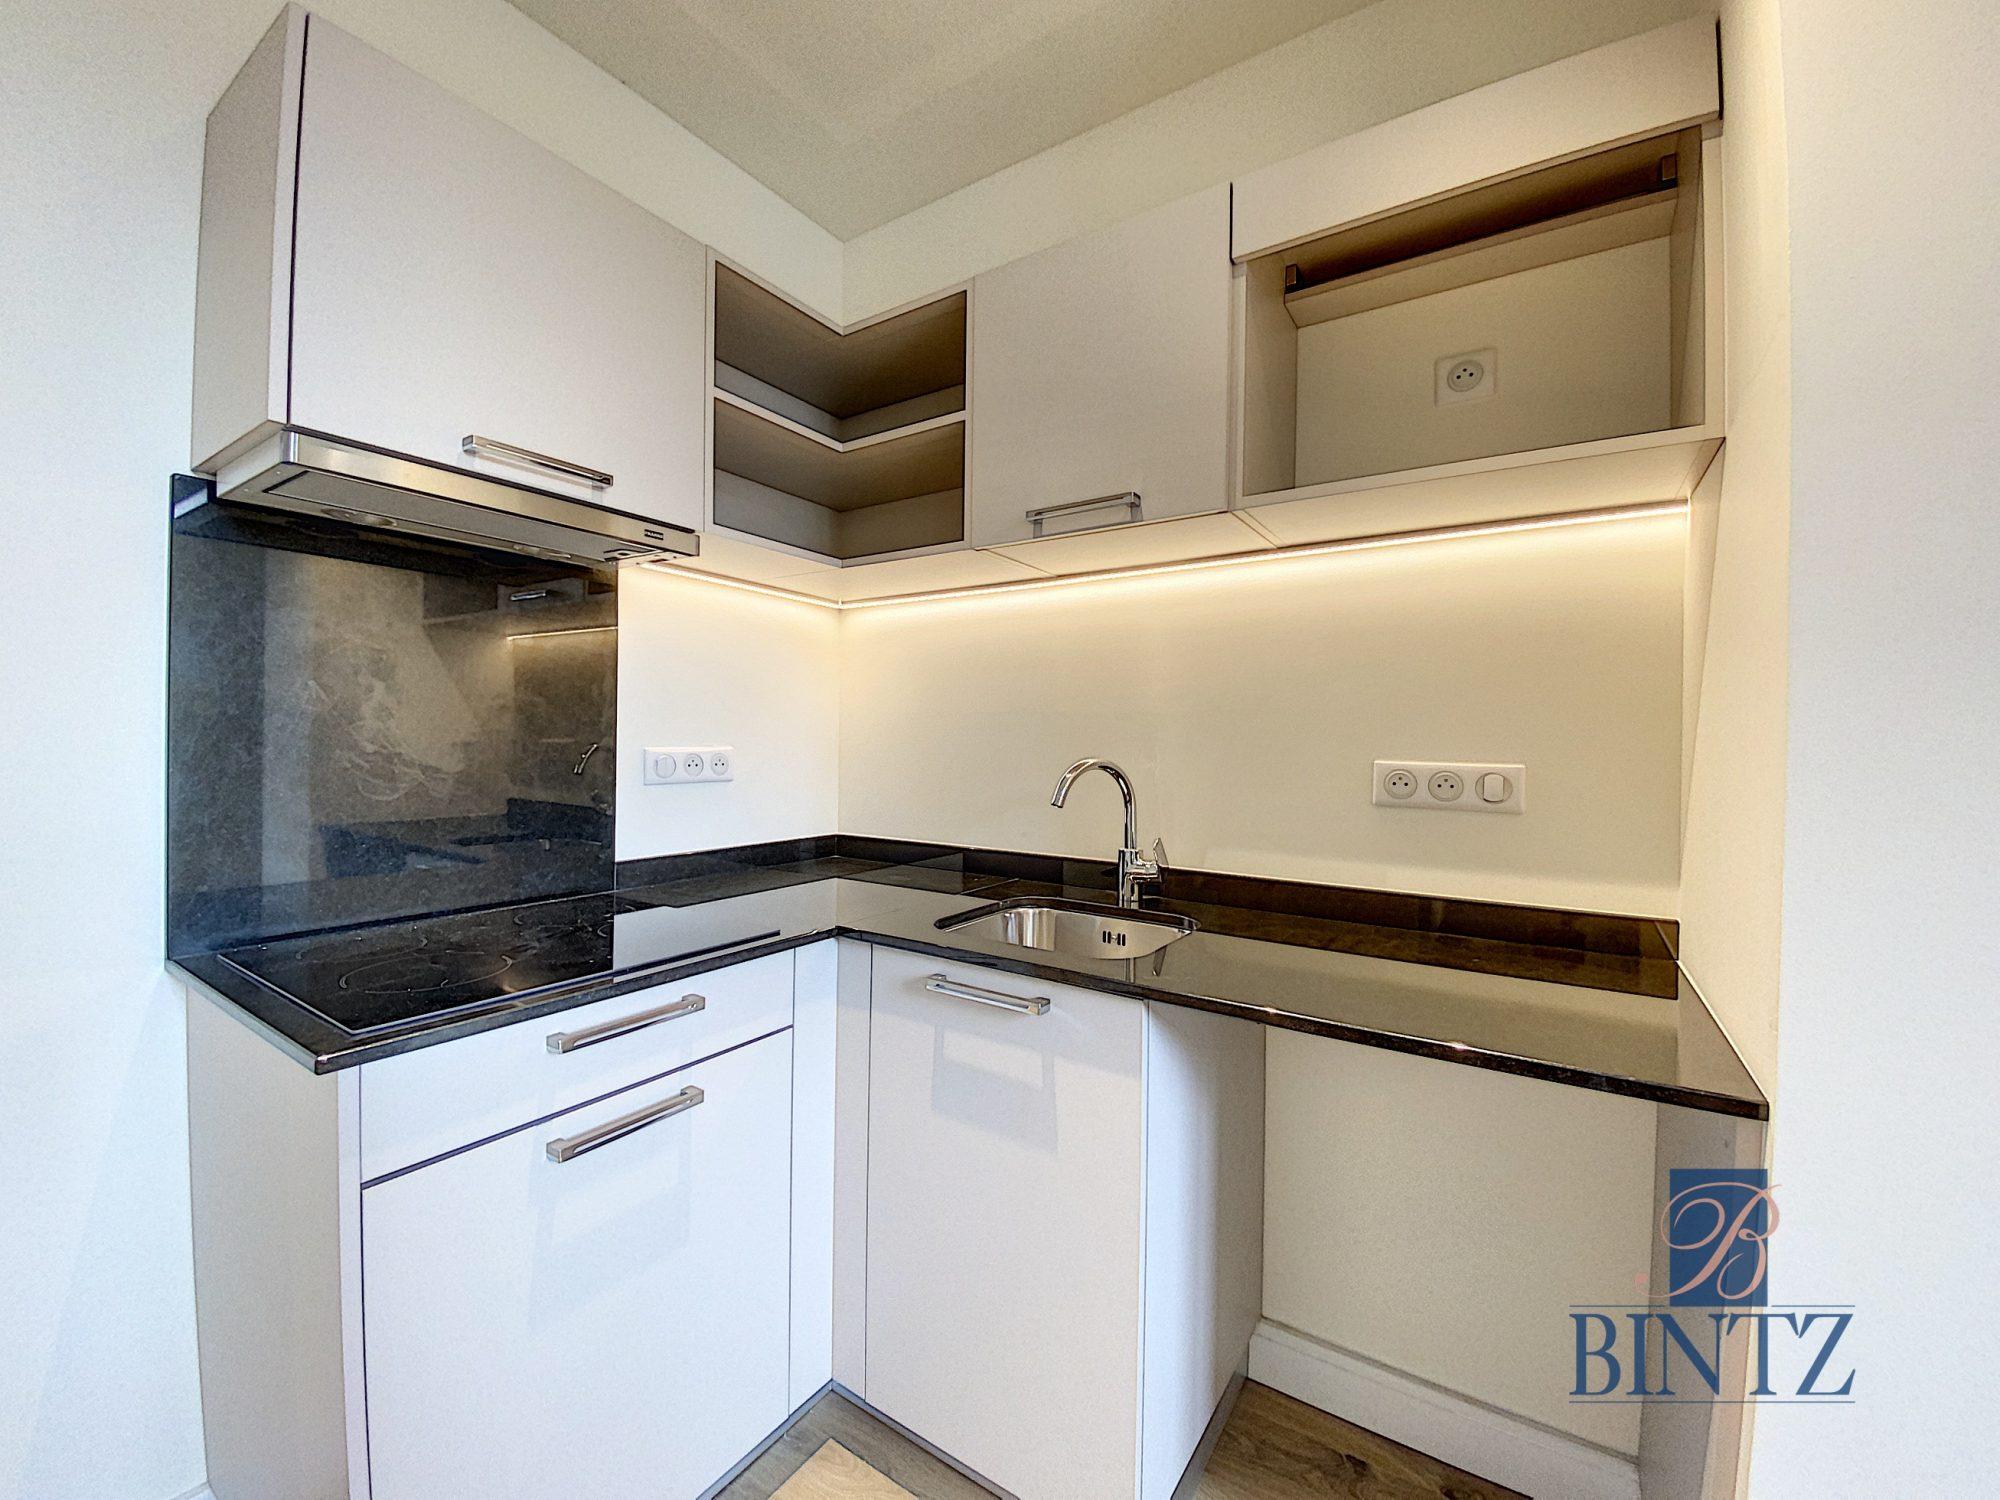 2 Pièces neuf avec balcon - Devenez locataire en toute sérénité - Bintz Immobilier - 9